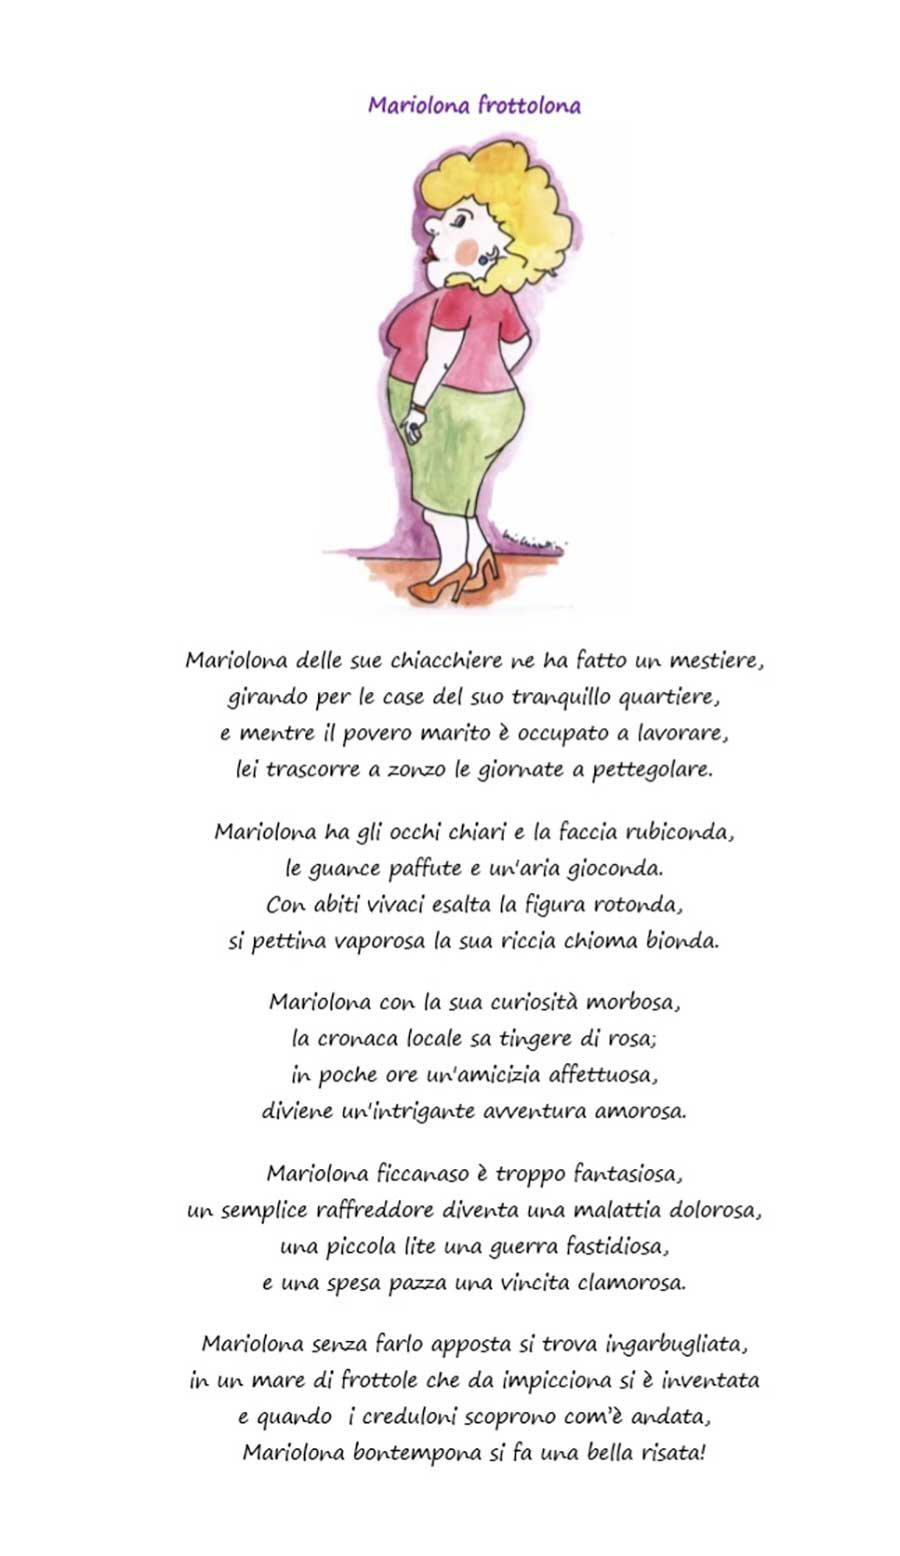 Mariolona-filastrocche-lucia-chiaruttini